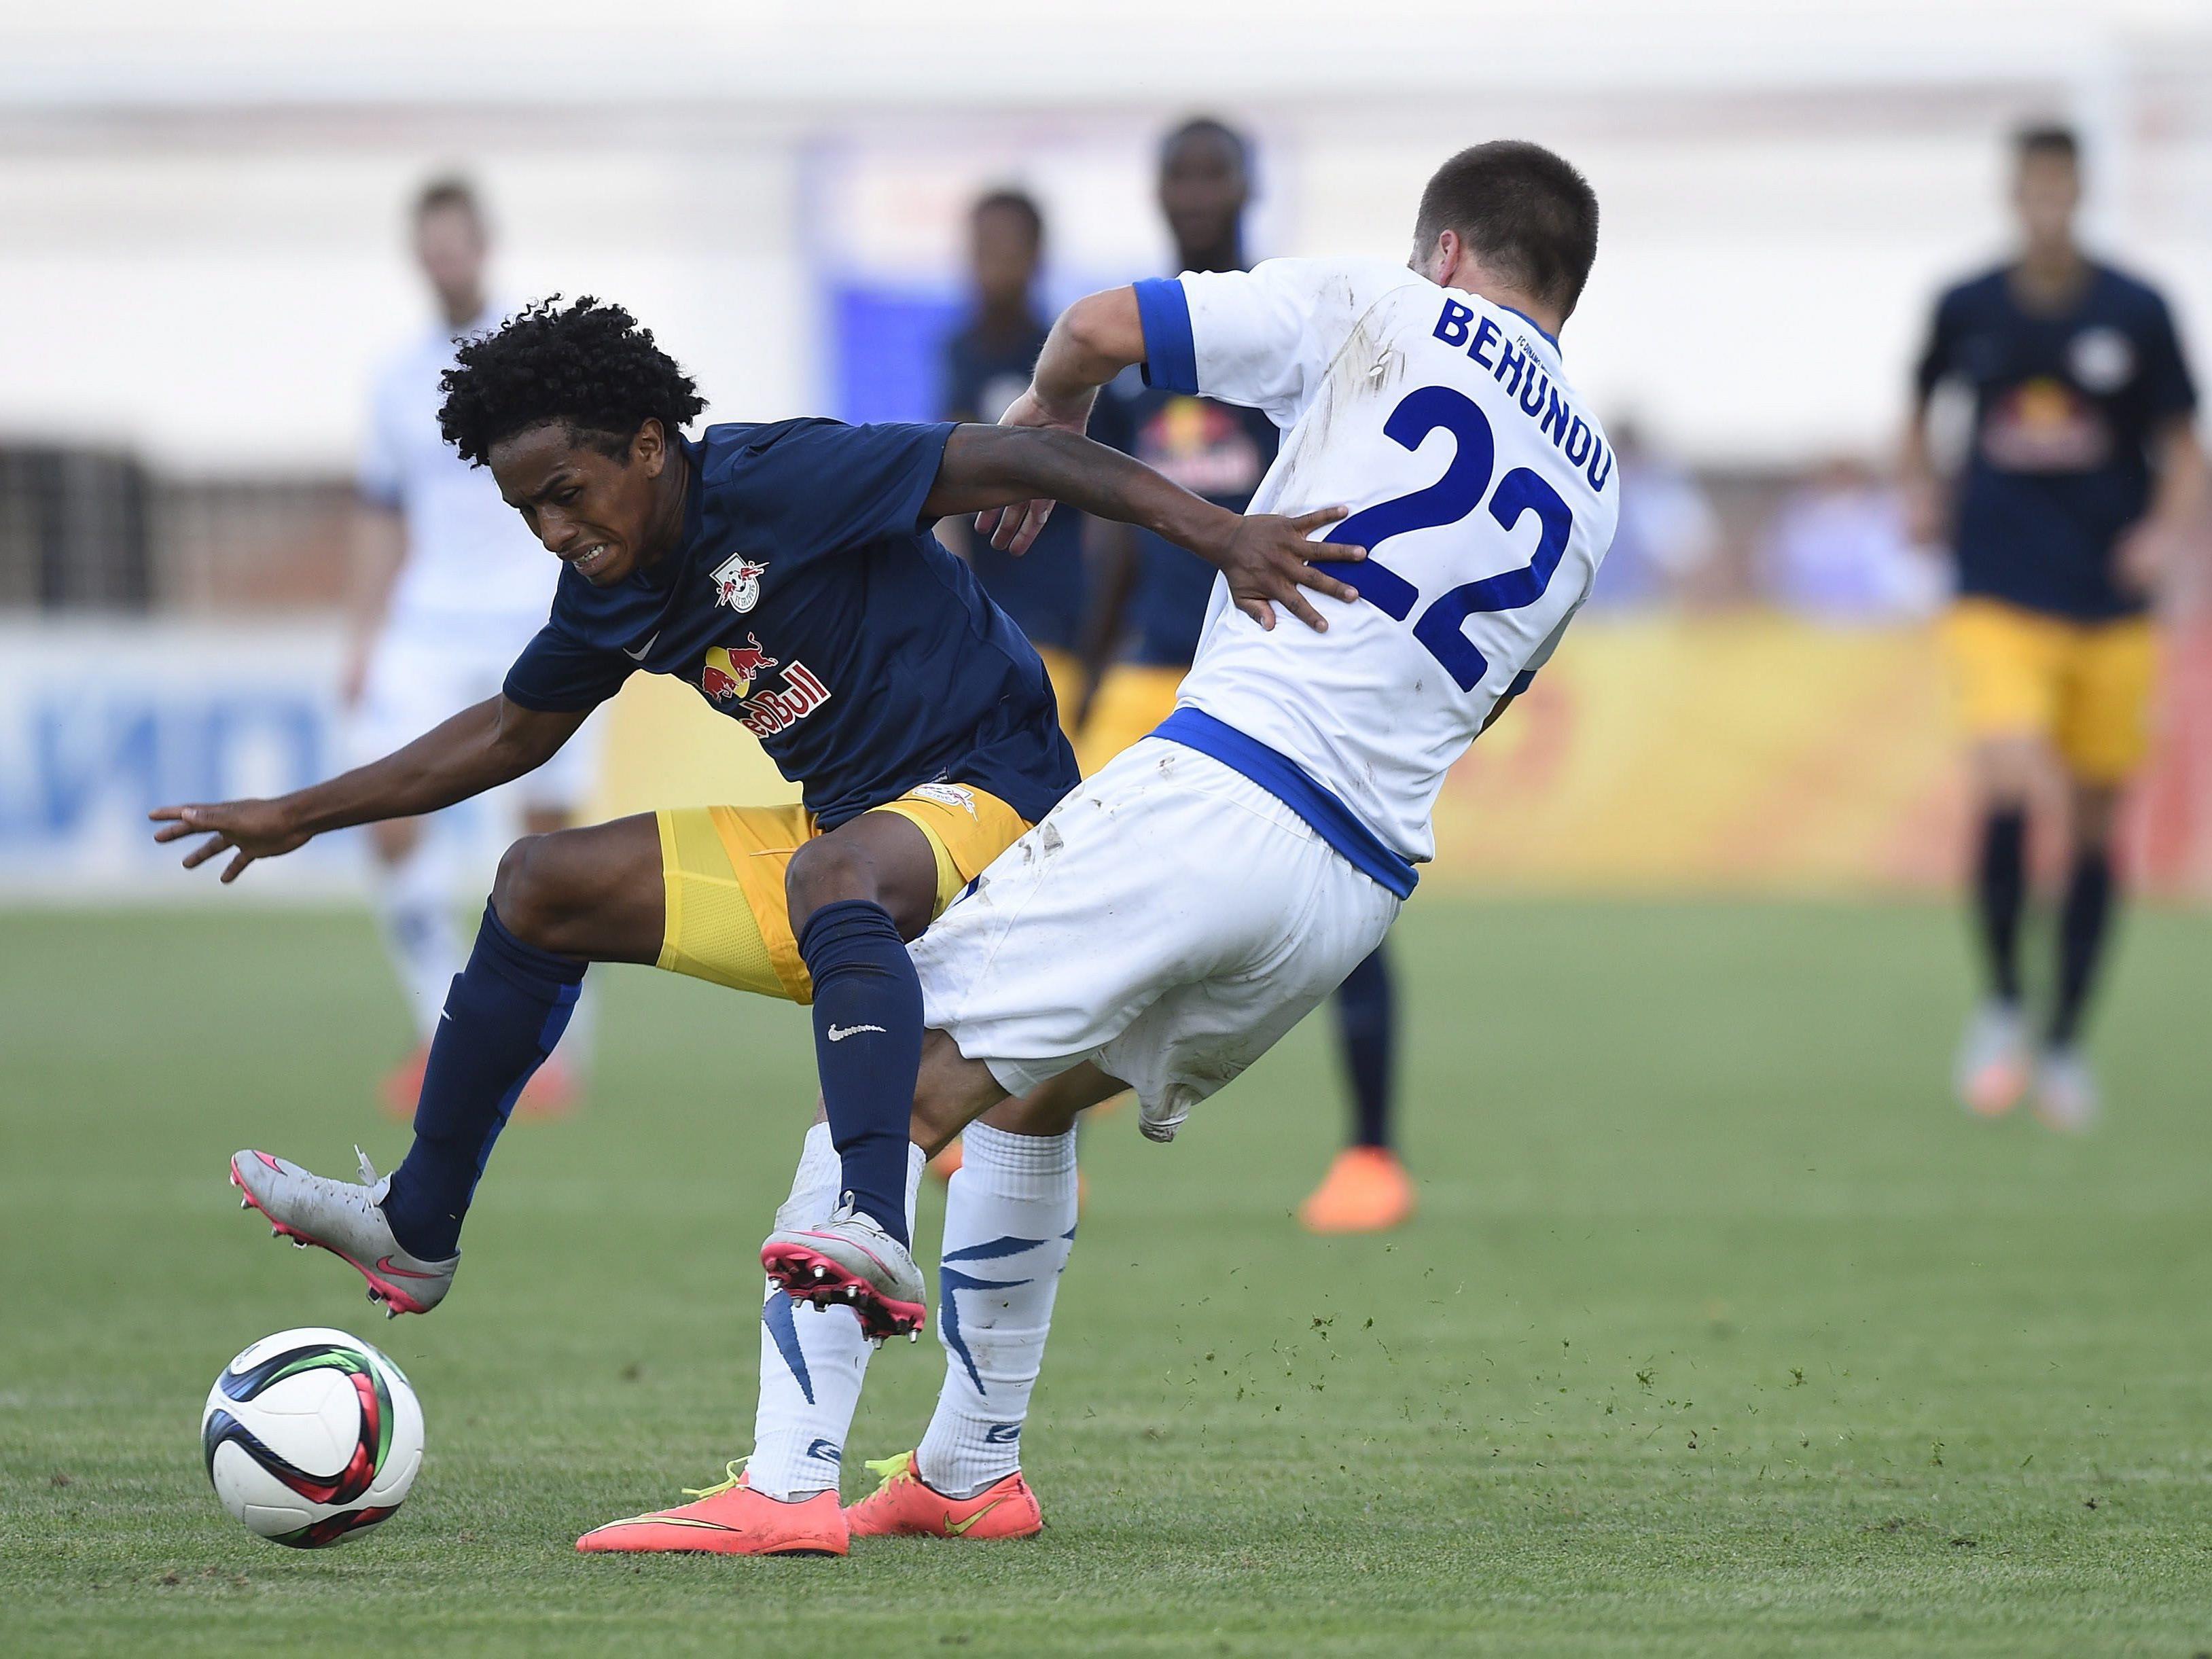 Salzburg musste am Donnerstagabend im Europa League-Play-Off eine 0:2-Schlappe hinnehmen.